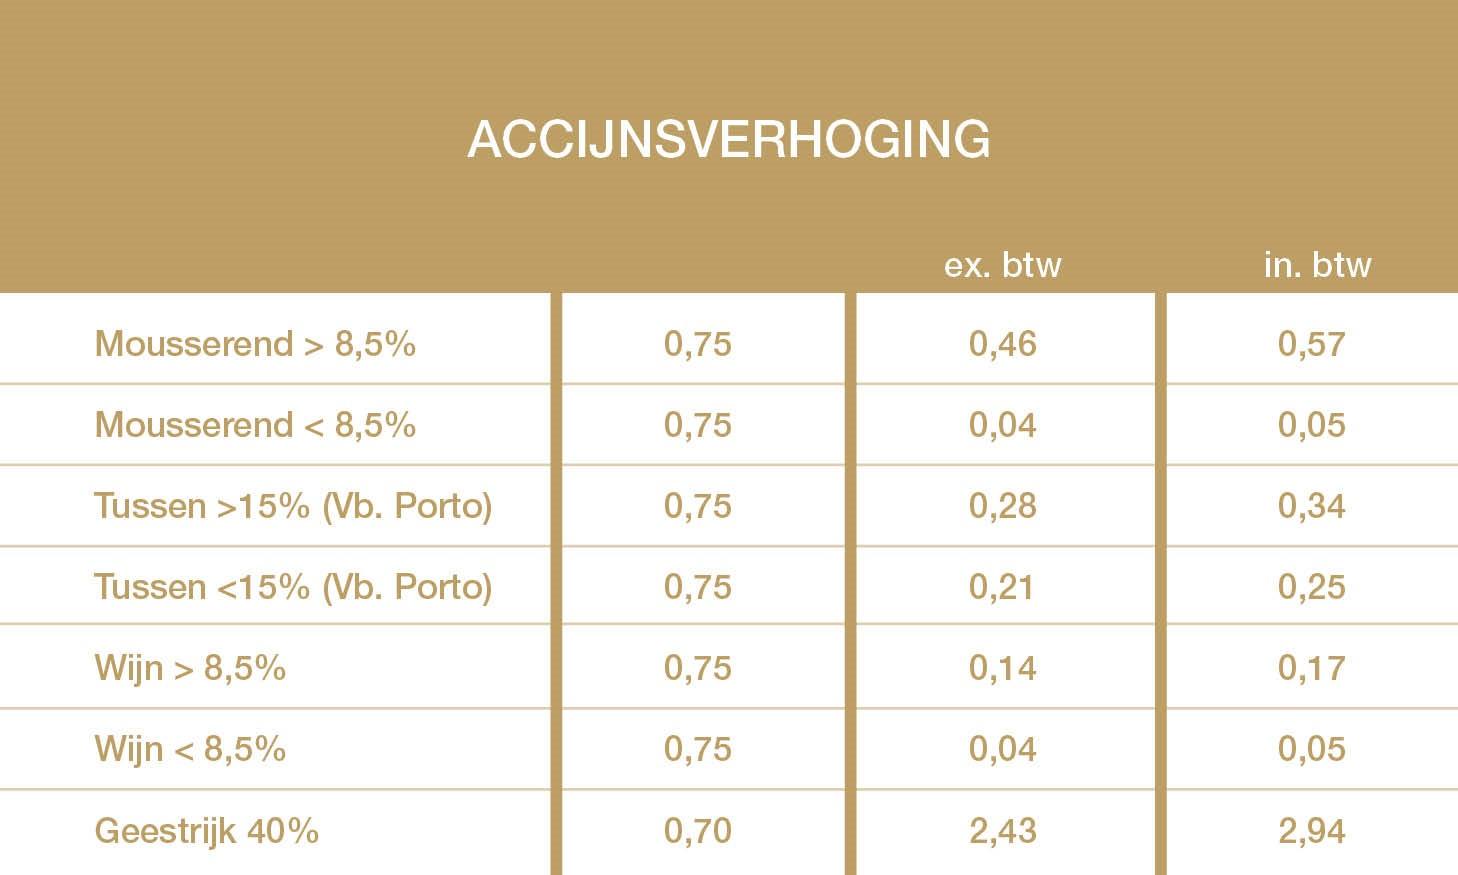 2015 accijnzenverhoging